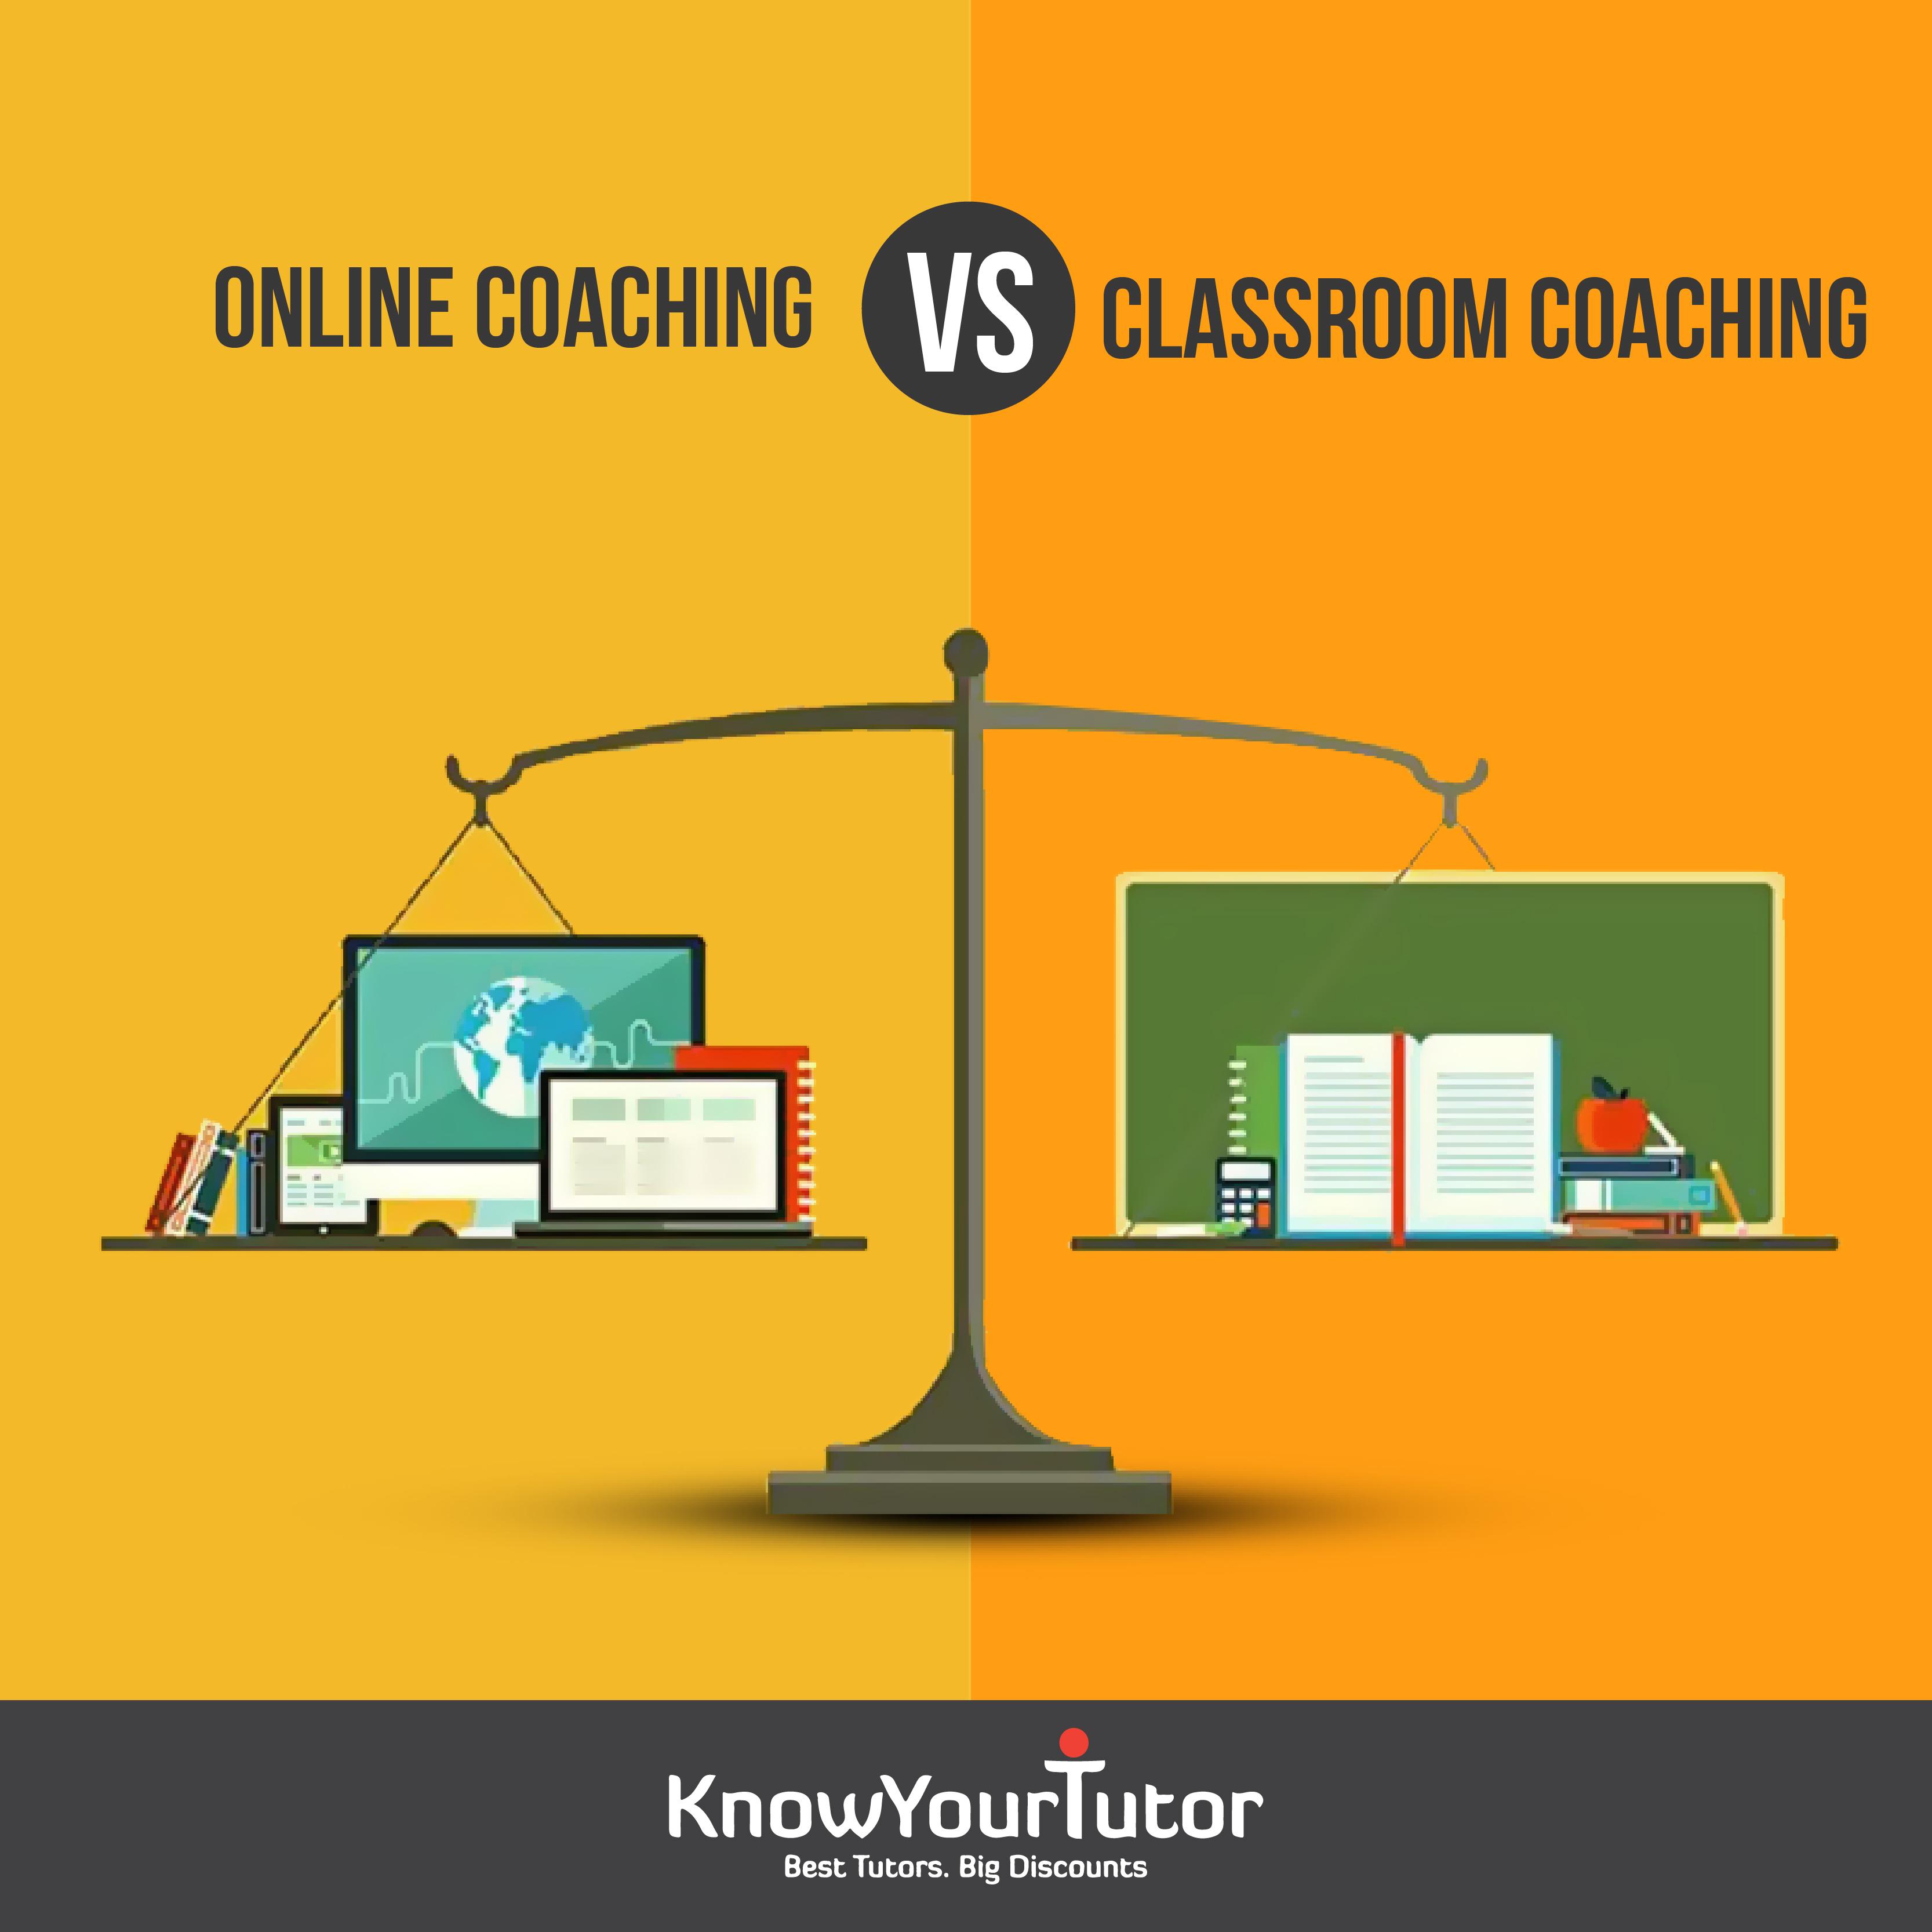 Classroom Coaching versus Online Coaching